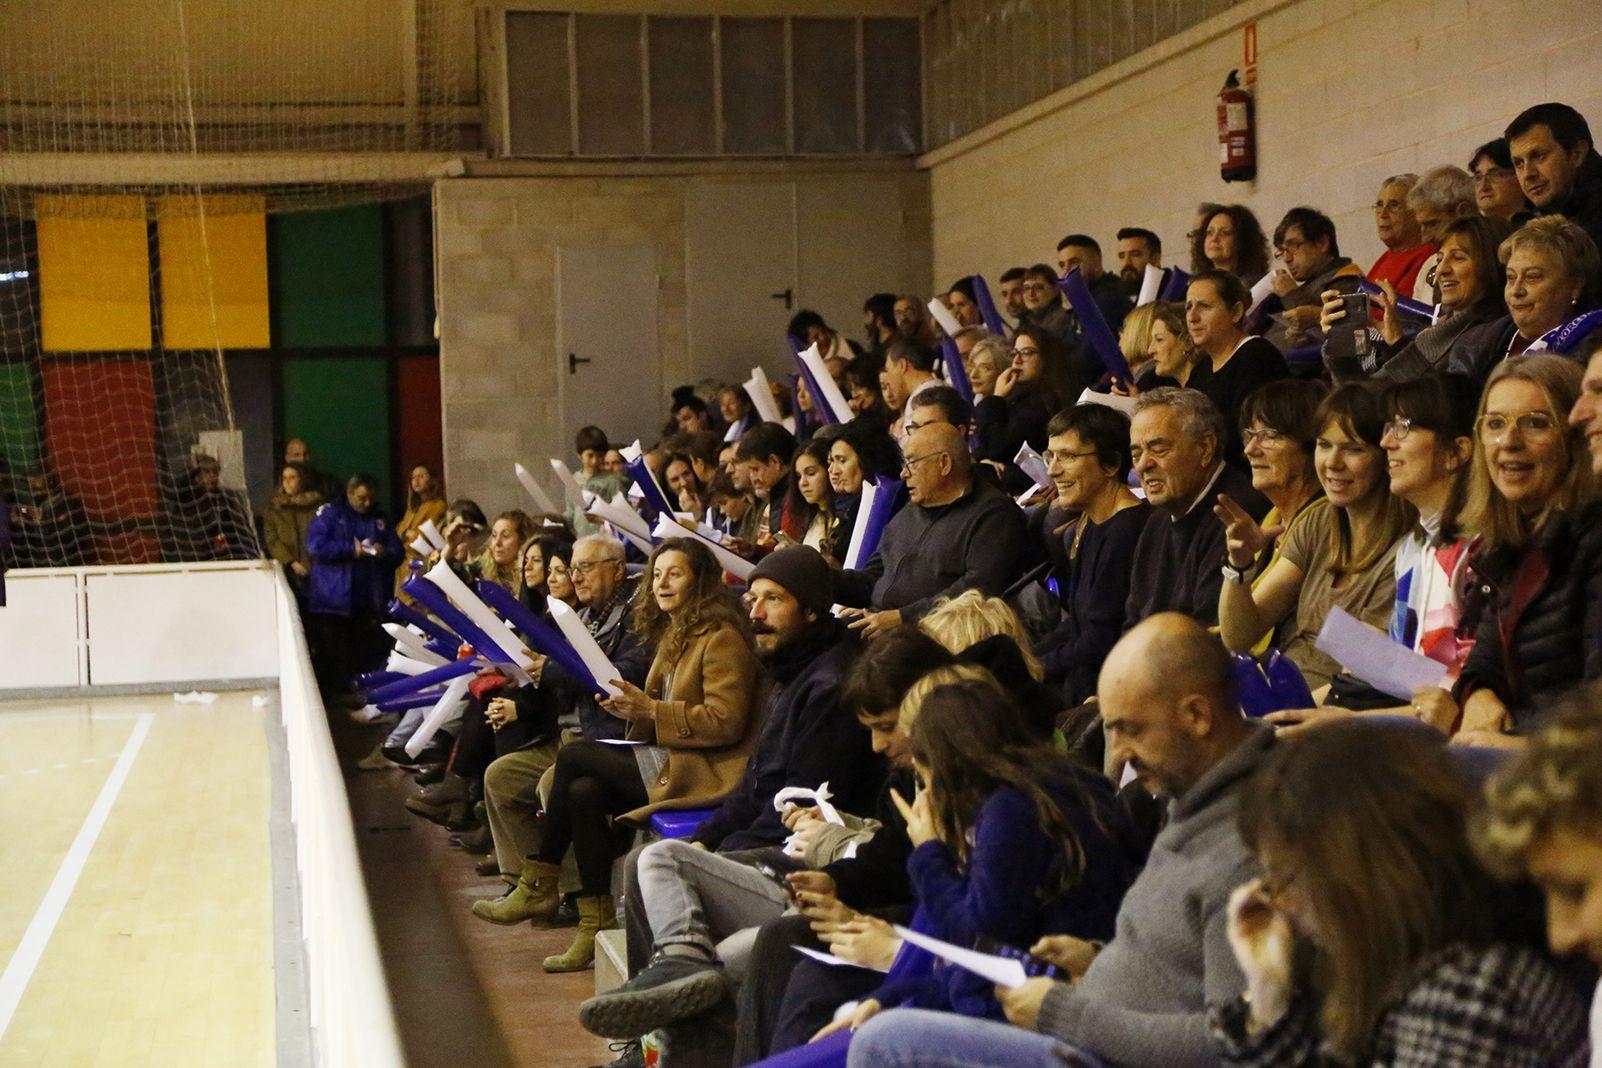 Públic de l'Olimpyc la Floresta de futbol sala. FOTO: Anna Bassa